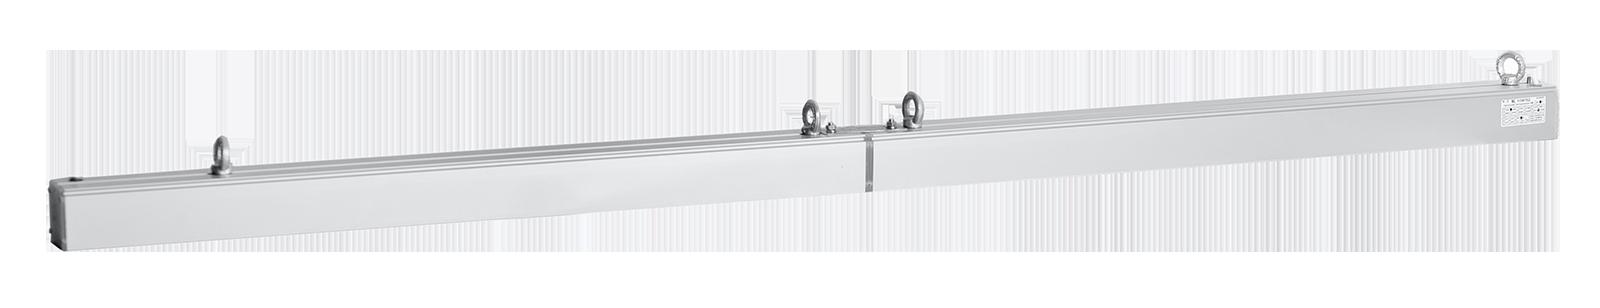 Линейный торговый светодиодный светильник LINE-T-013-45-50r